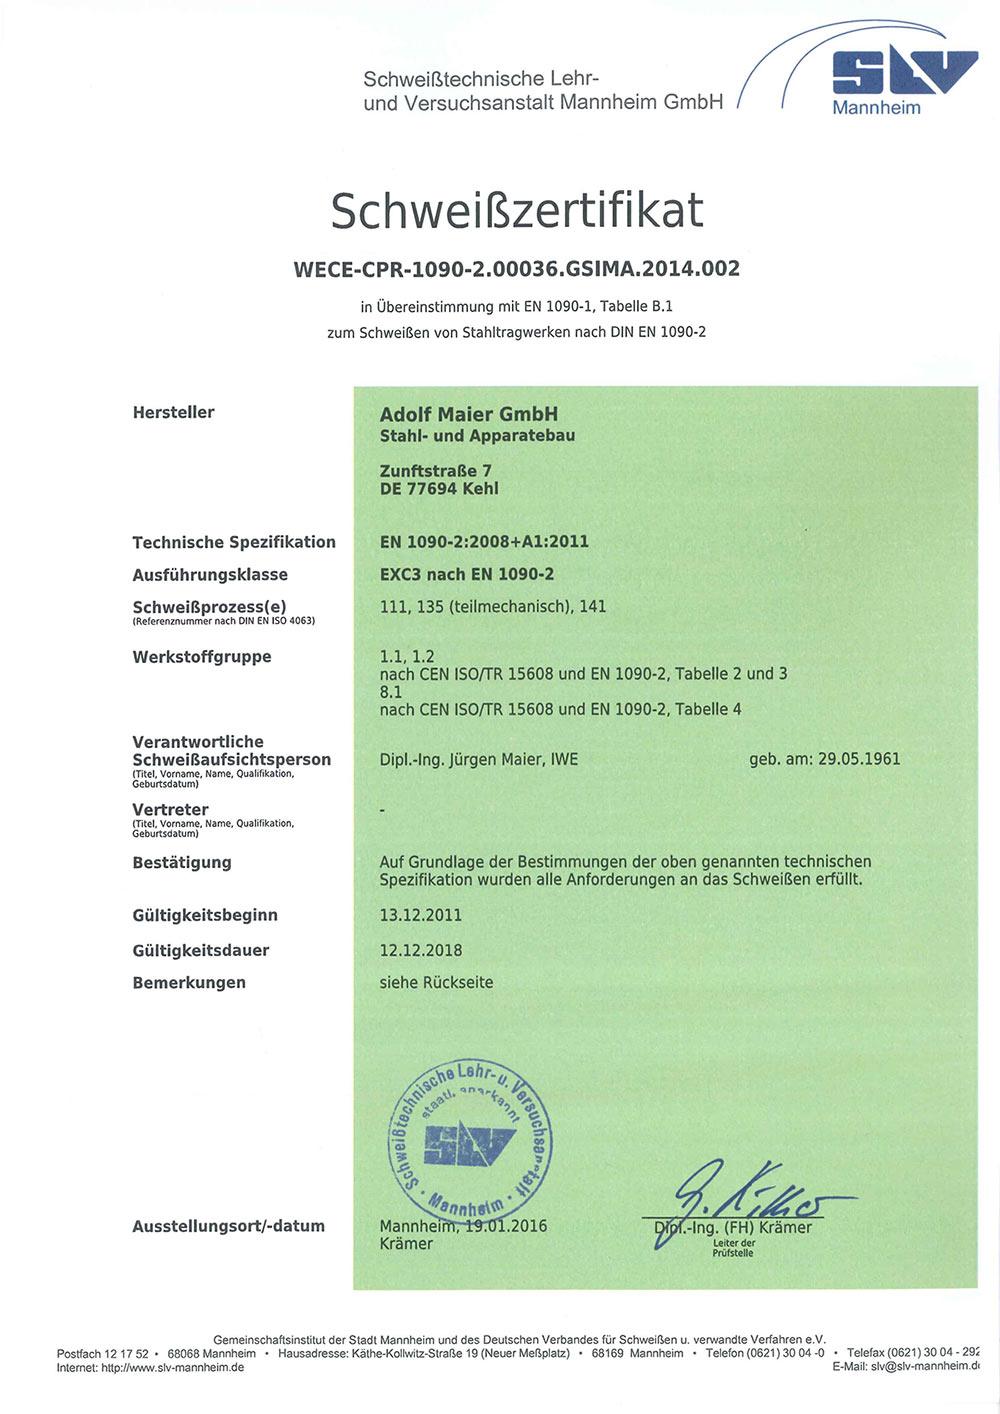 Schweisszertifikat_1090_A_Maier_GmbH_bis_12_2018_D